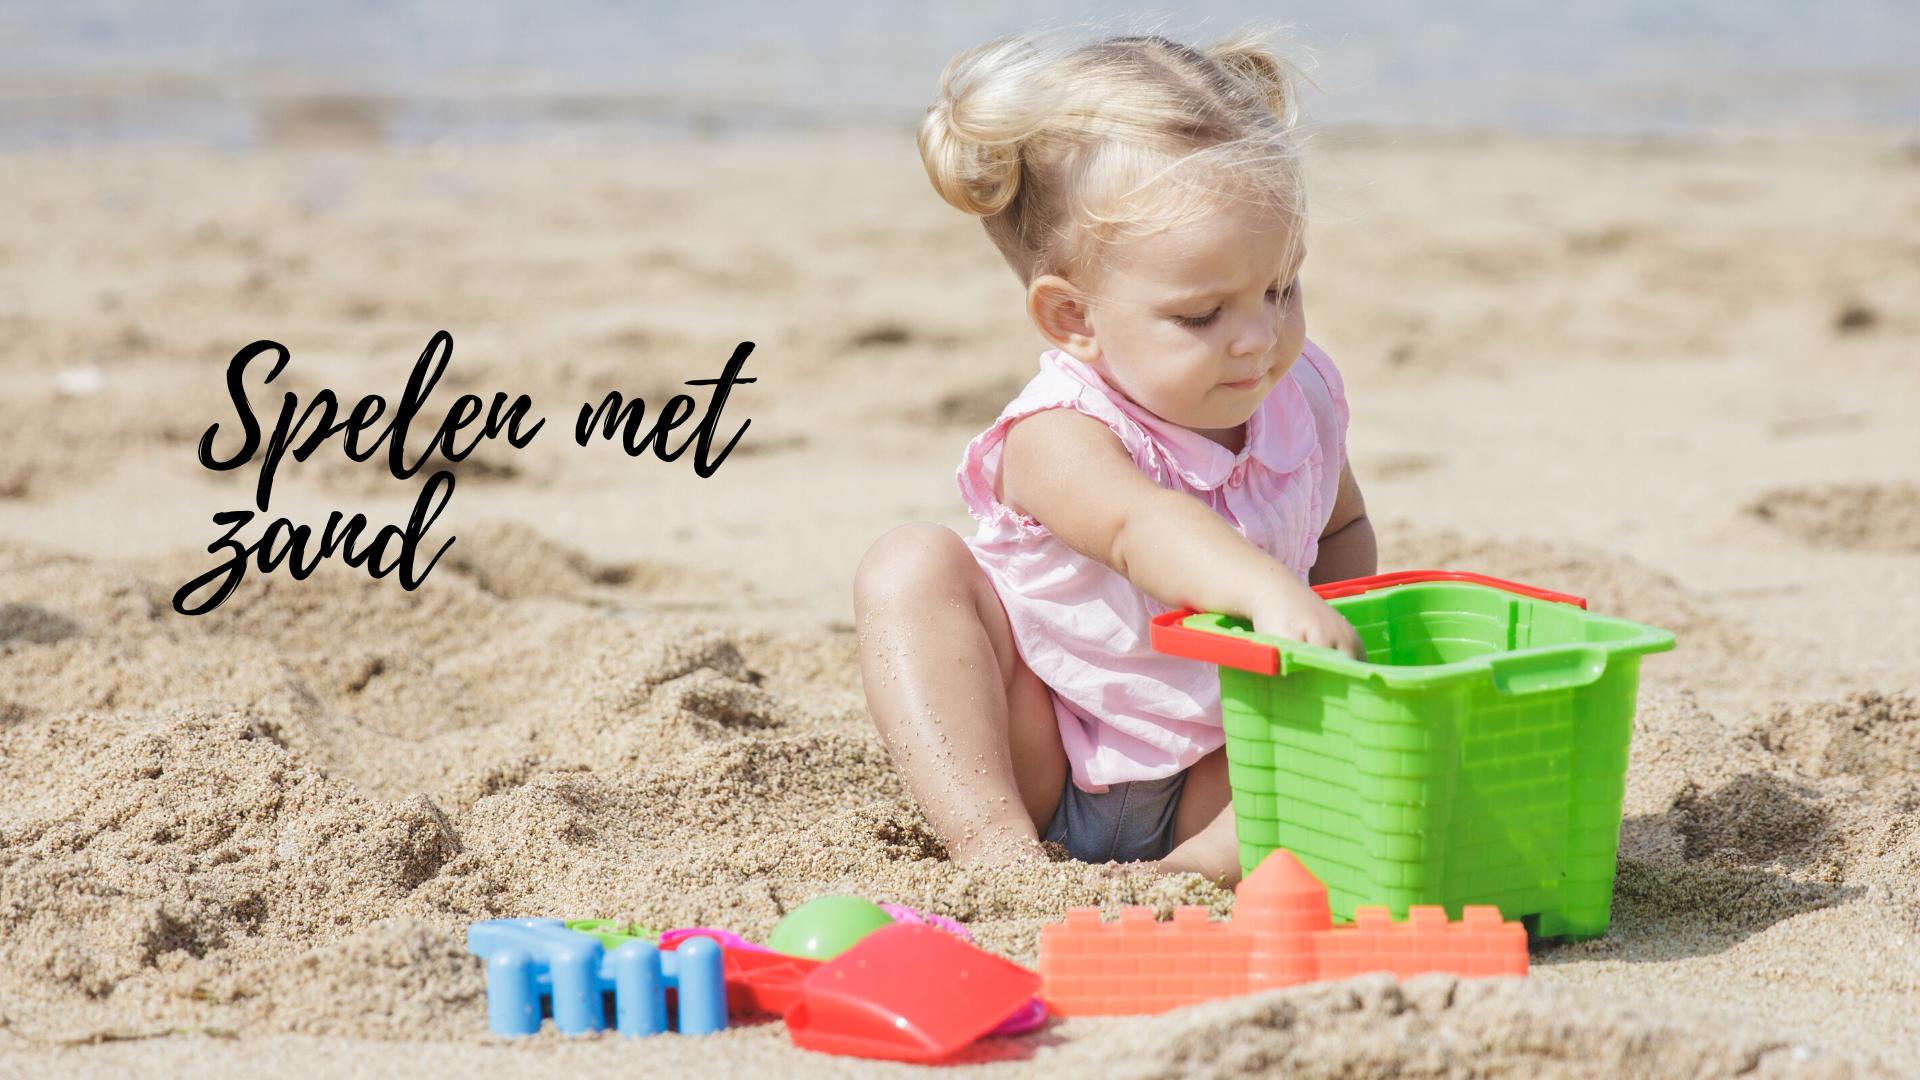 Spelen met zand, waarom